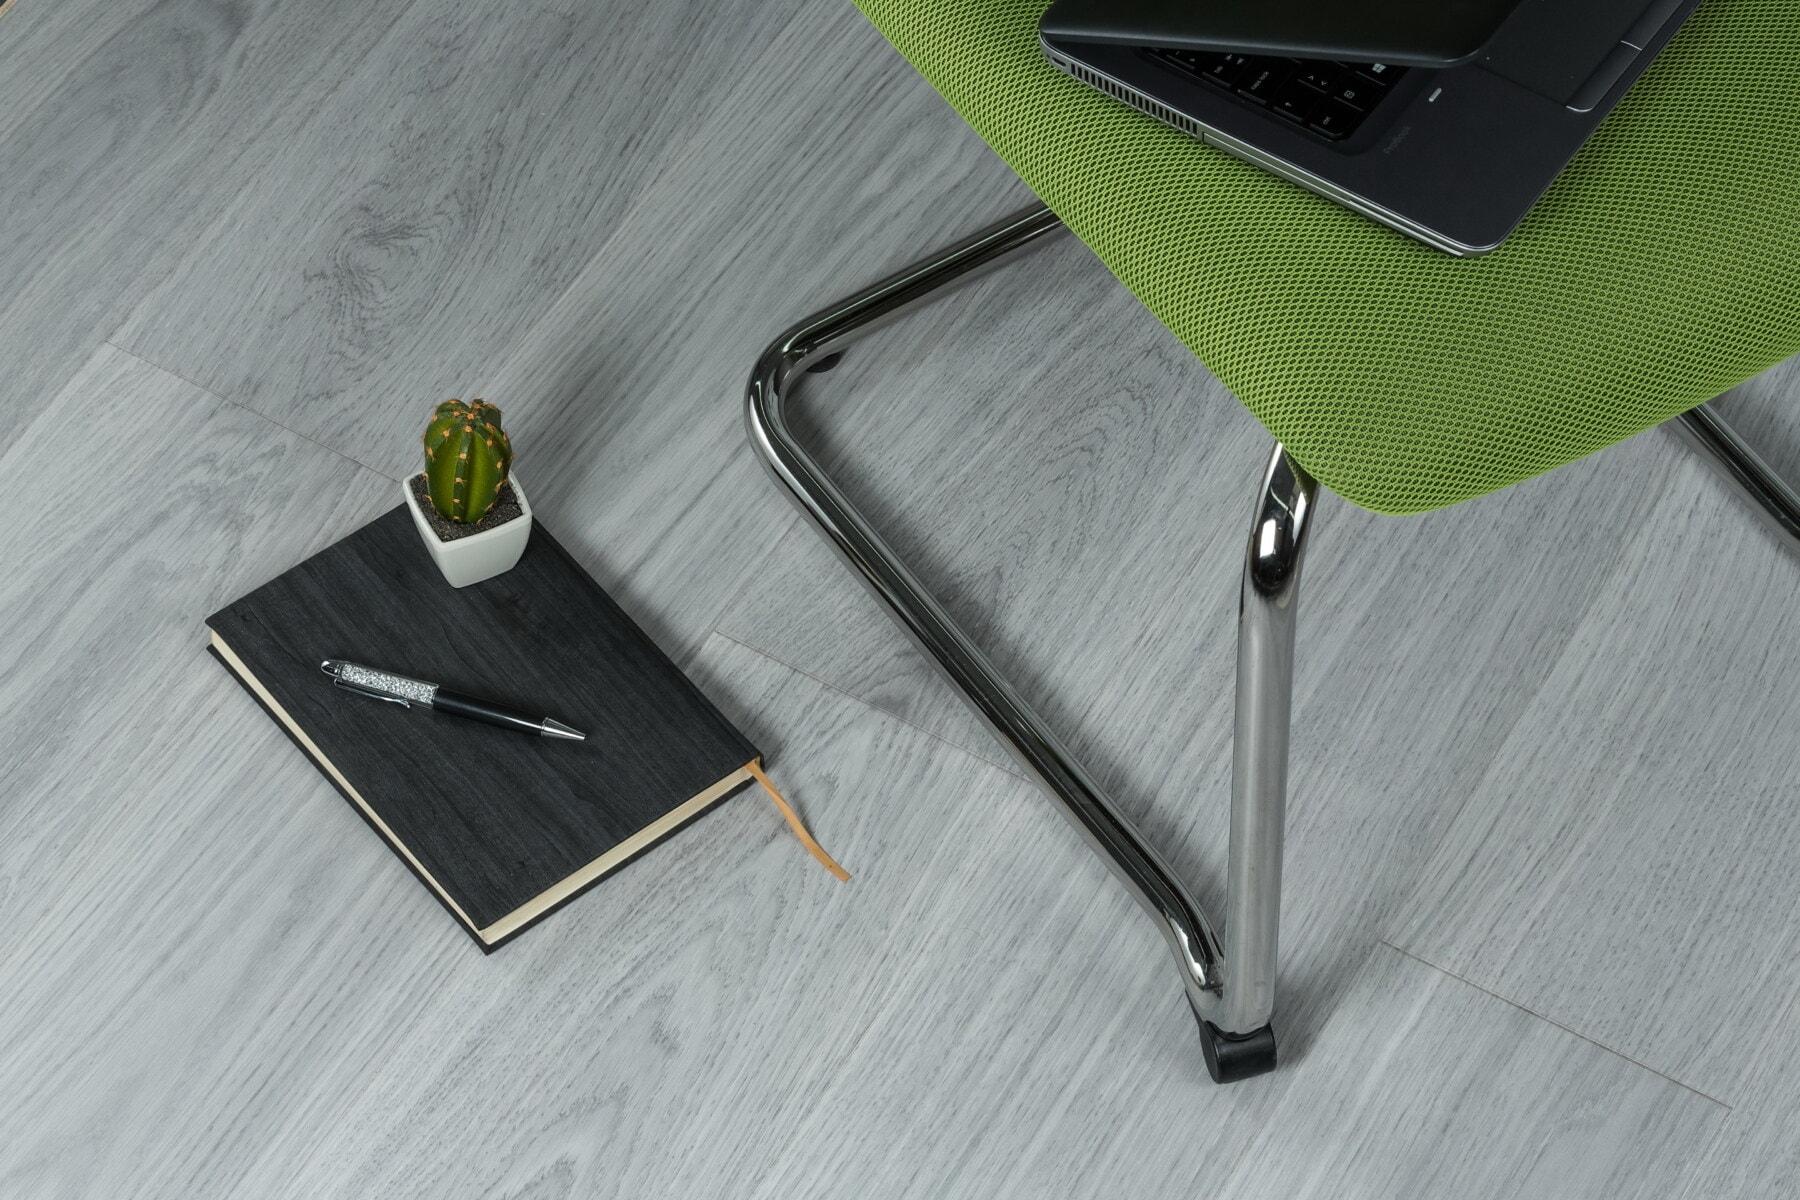 chaise, Bureau, ordinateur portable, plancher, ordinateur portable, crayon, miniature, pot de fleurs, Minimalisme, entreprise